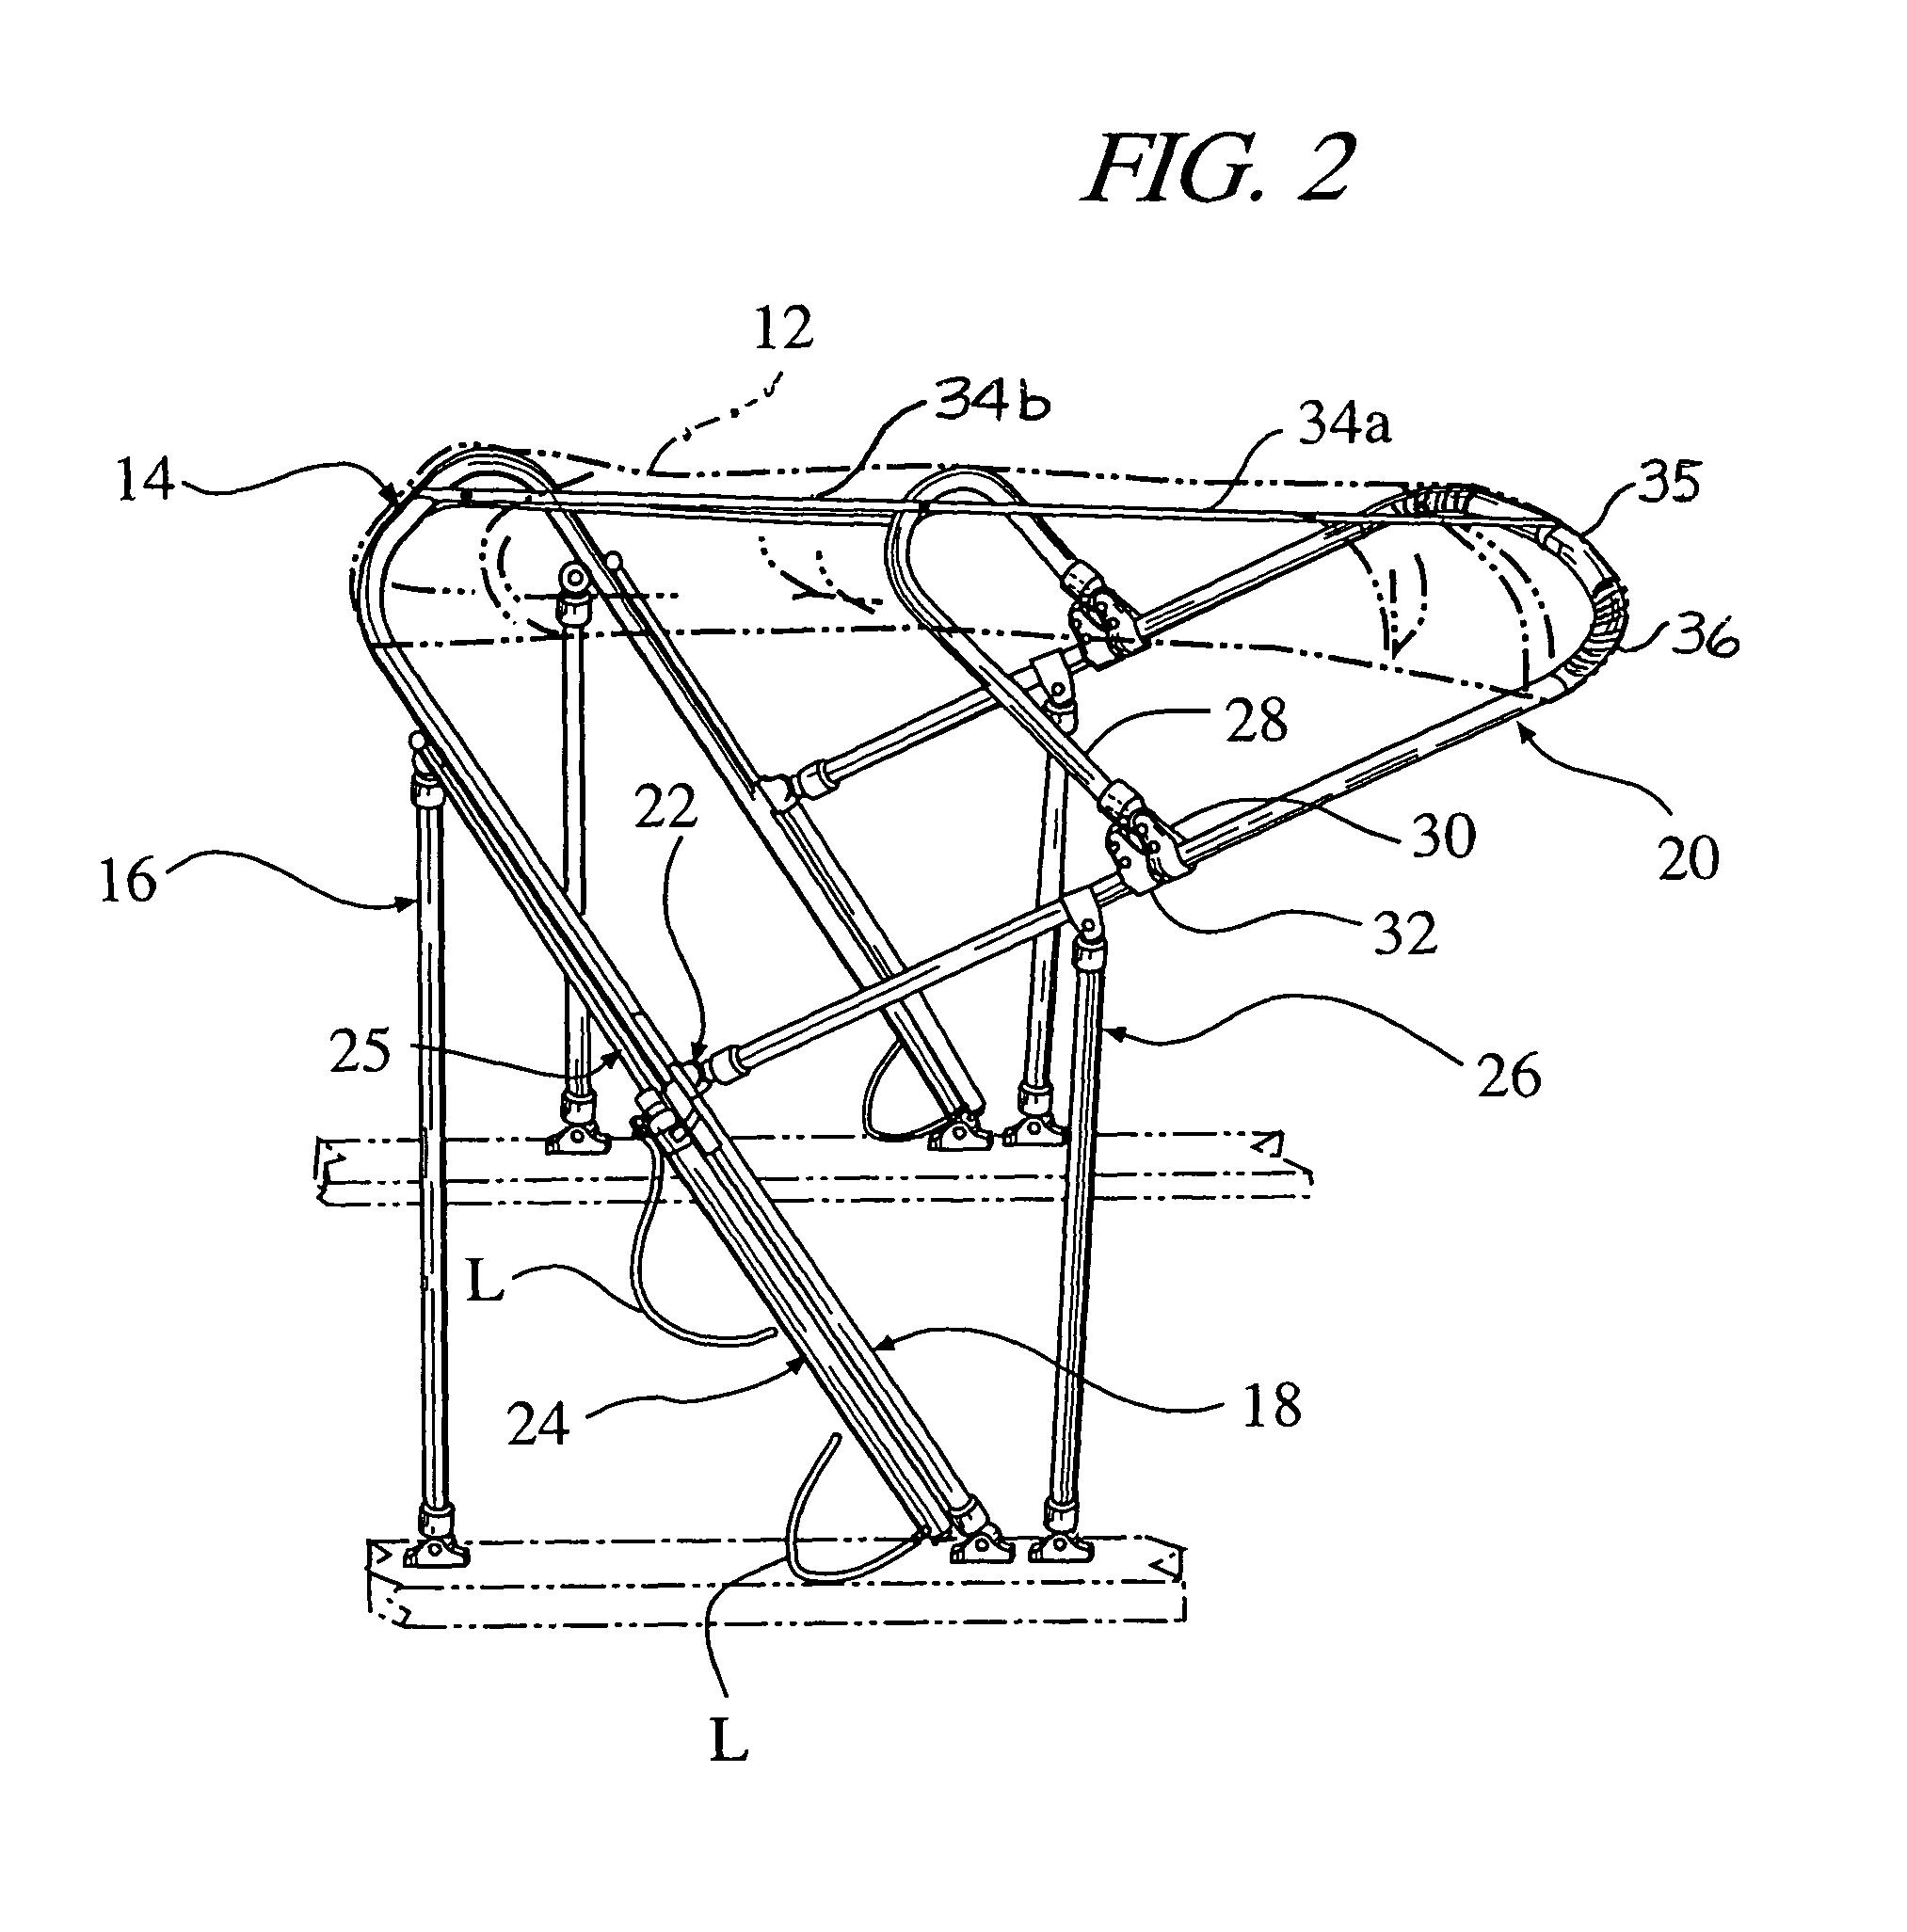 Bimini Parts Diagram. Diagram. Auto Wiring Diagram